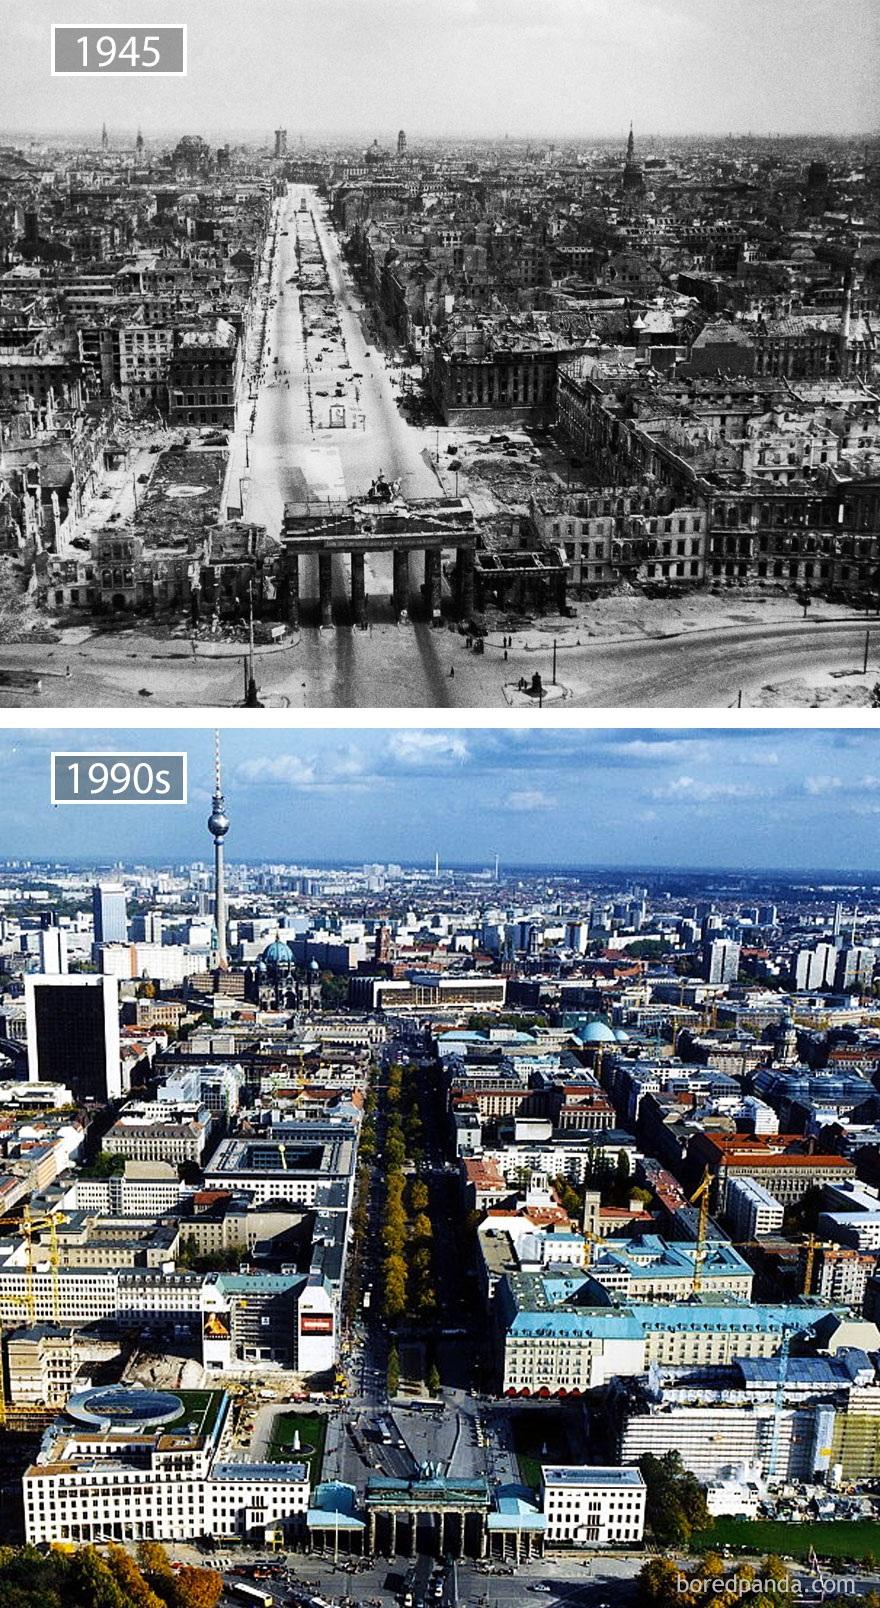 Thủ đô Berlin, Đức, năm 1945 và những năm 1990.